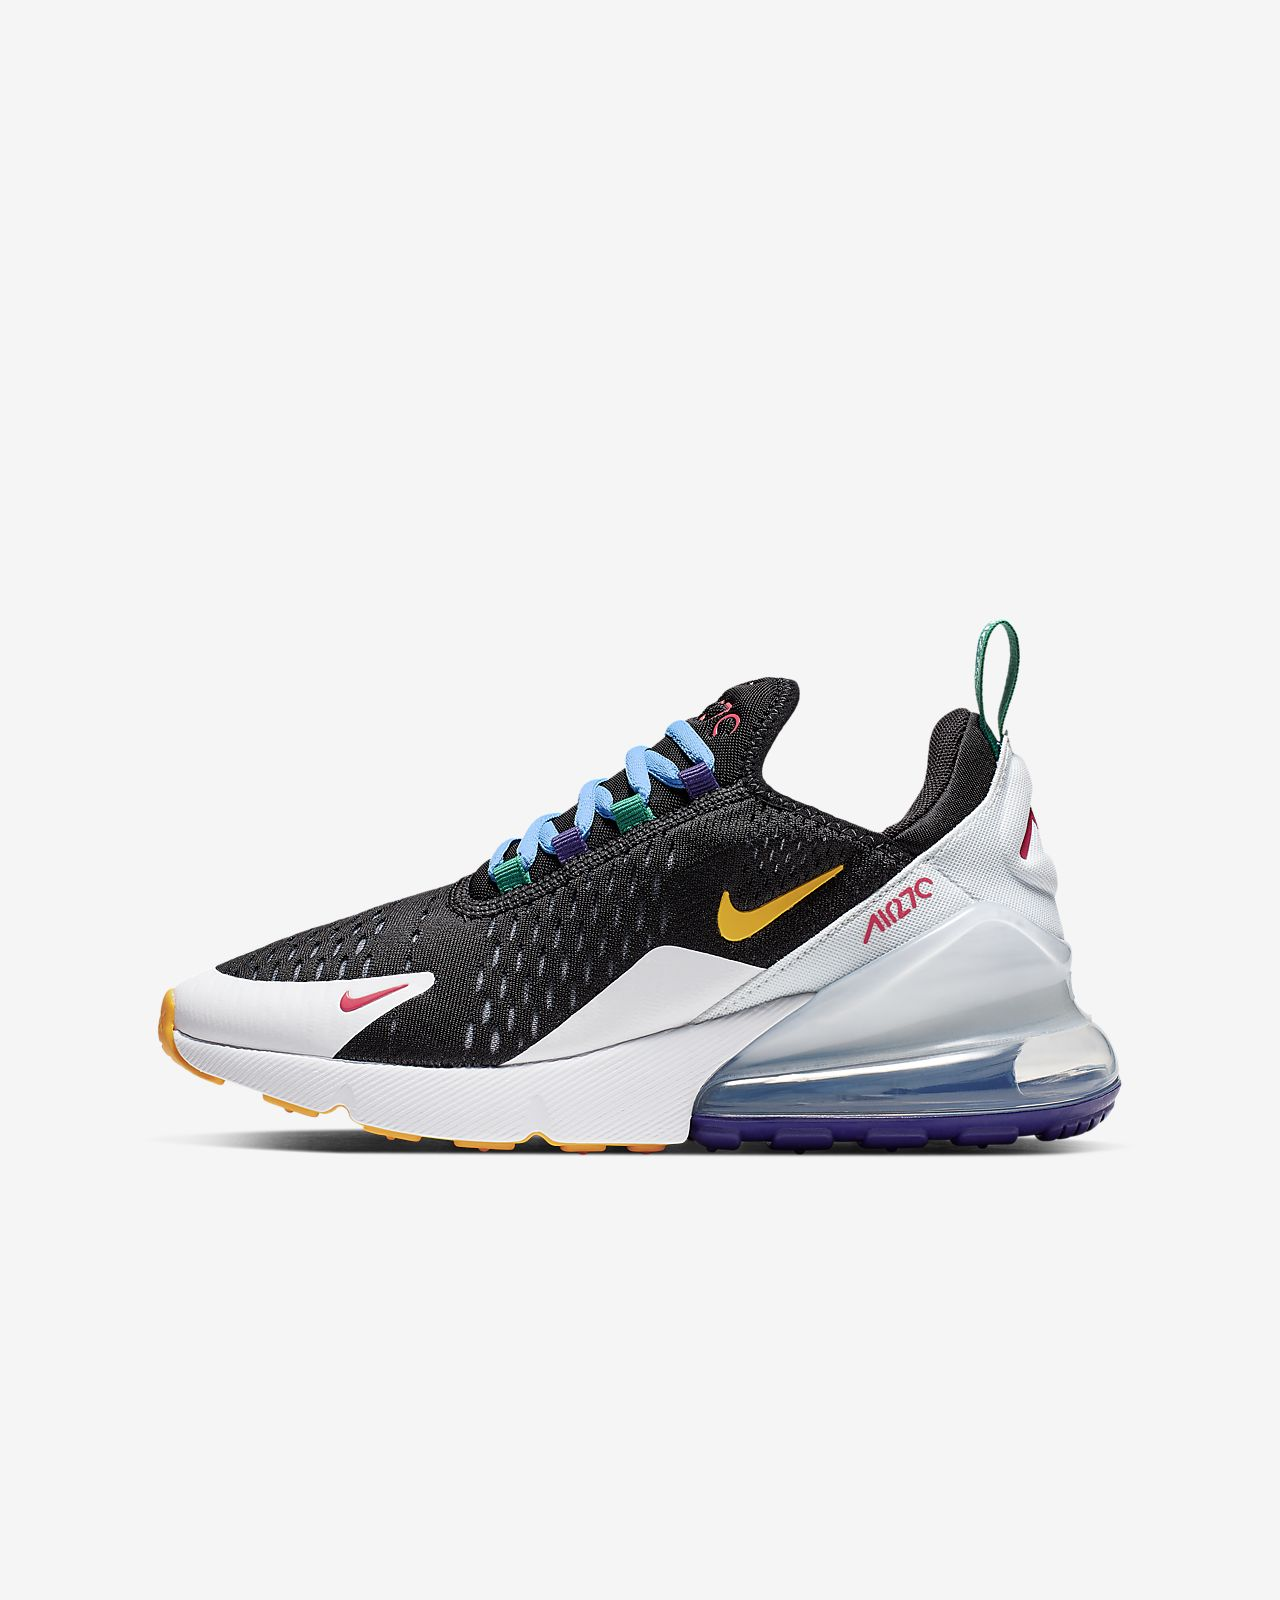 NikeAir Max 270 BG GEL 大童运动童鞋